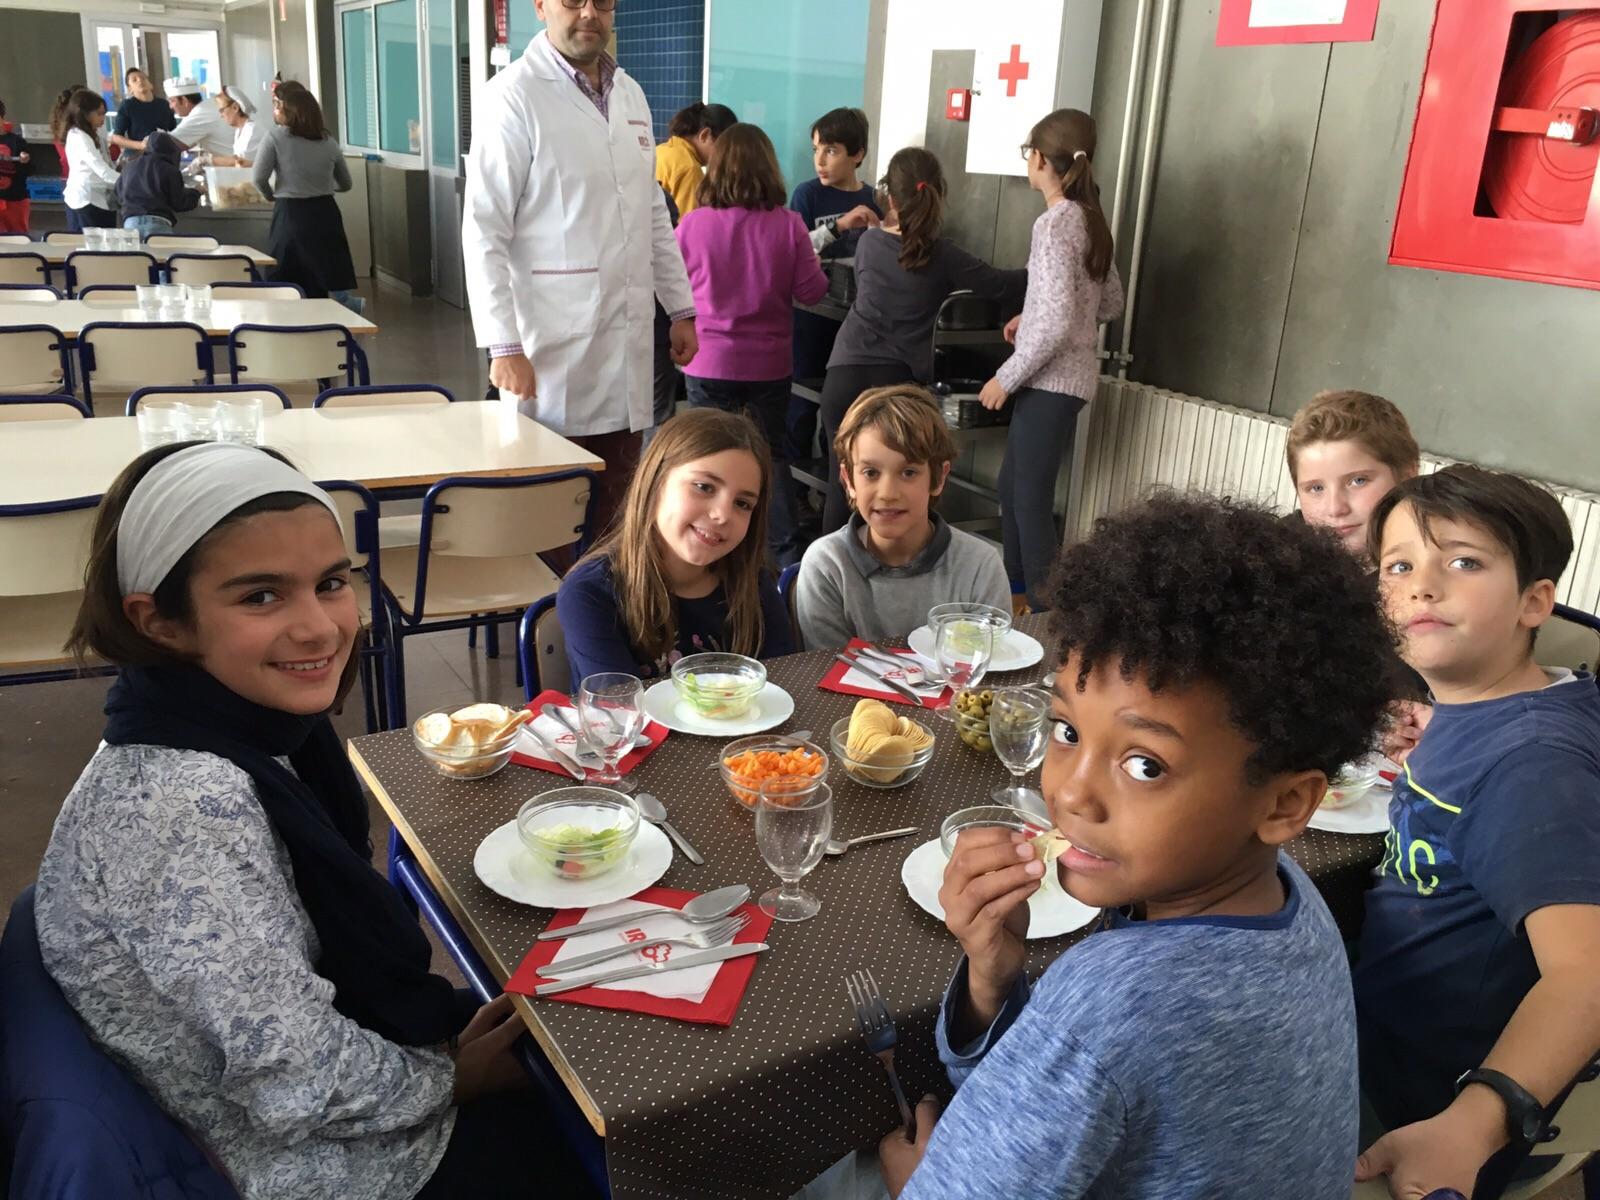 Ceip jaime balmes comedor for Mesas comedor colegio